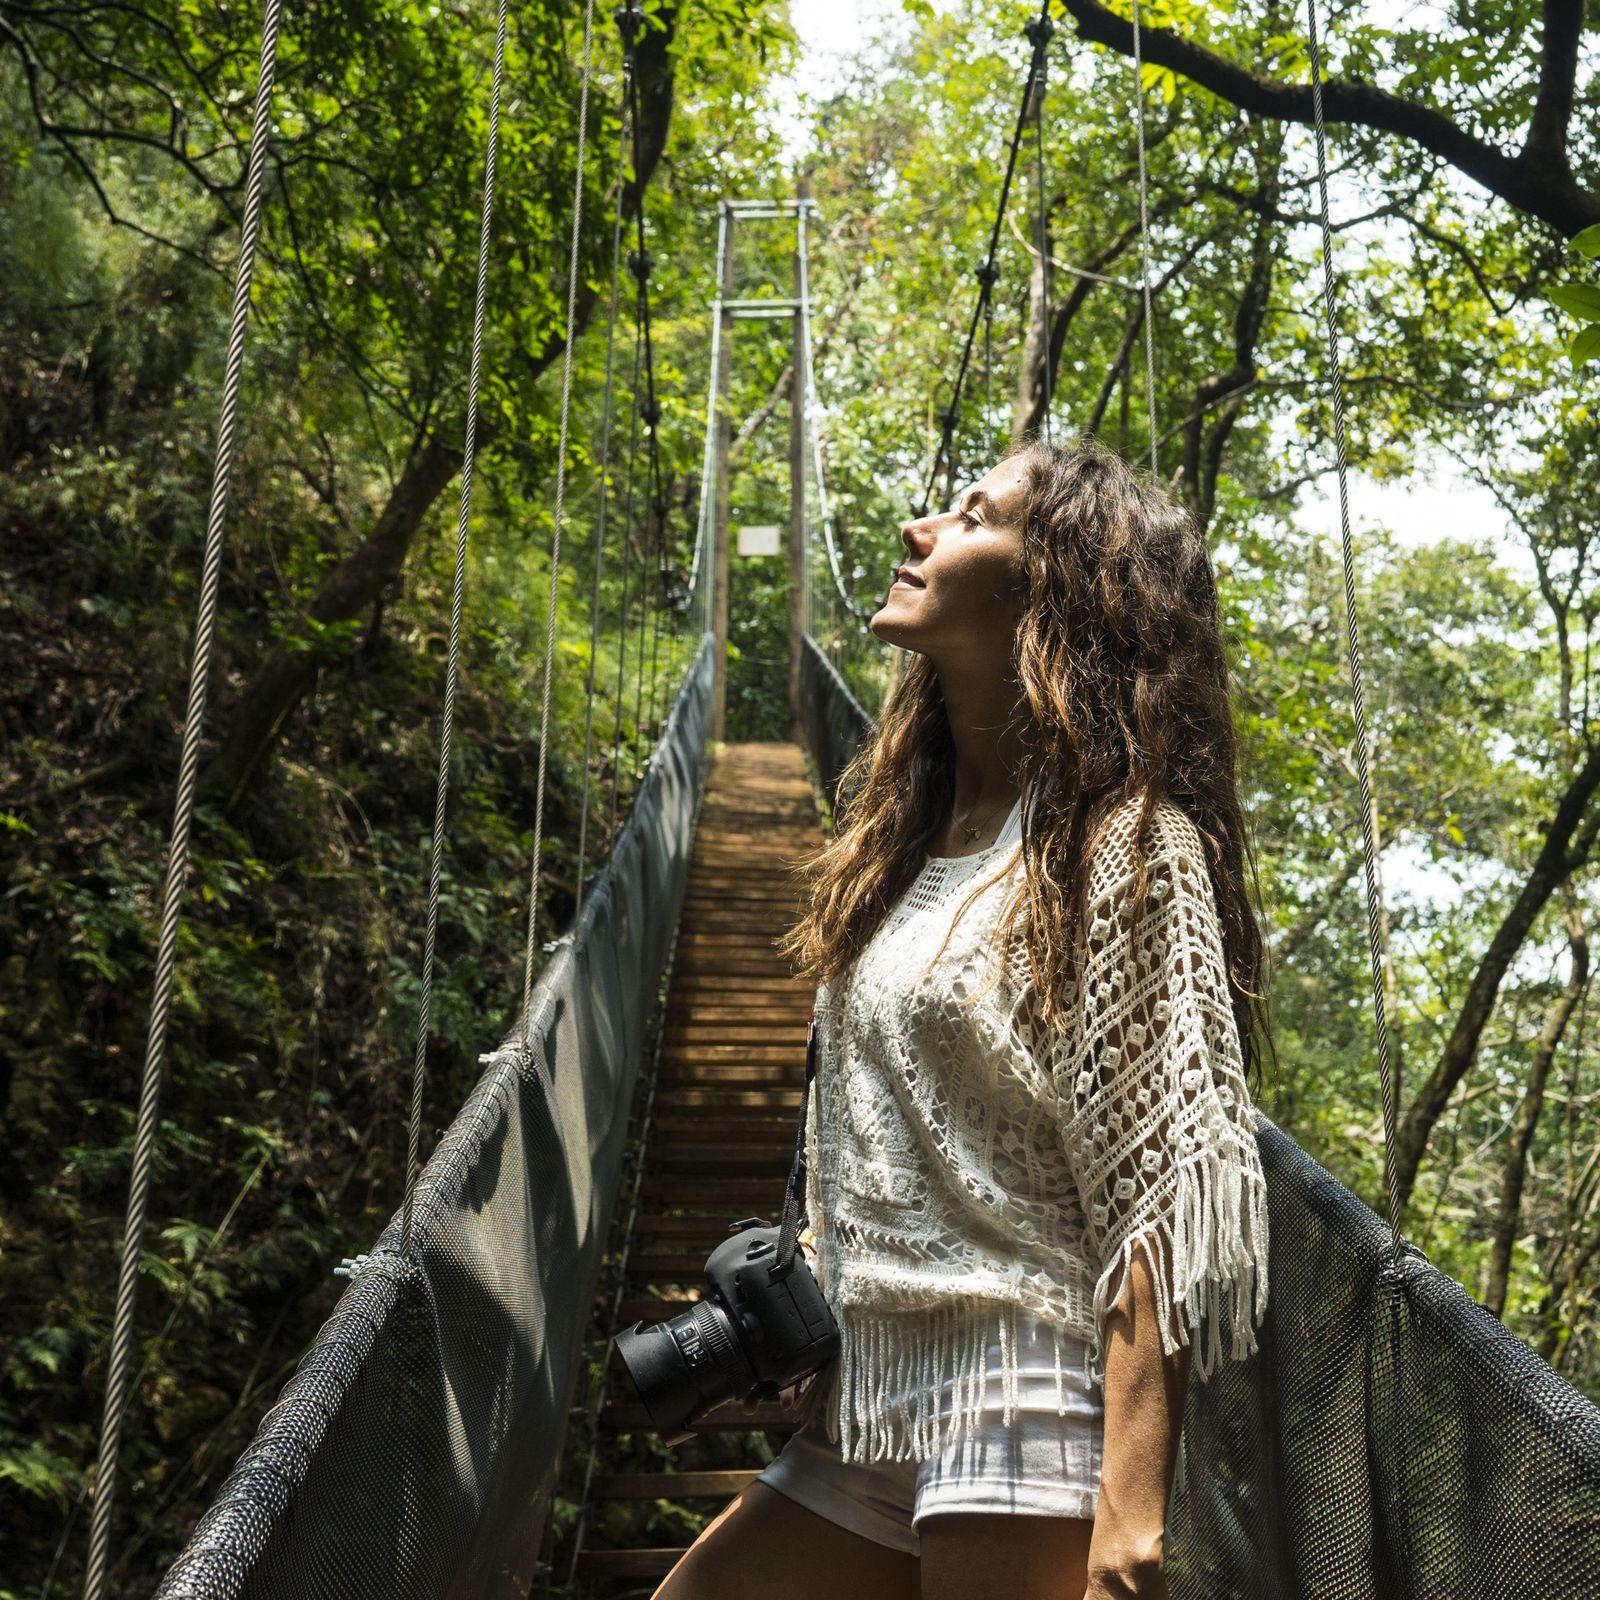 La excursión para descubrir la selva de Costa Rica fue la preferida de Courtney Scott. ¡Descúbrela!